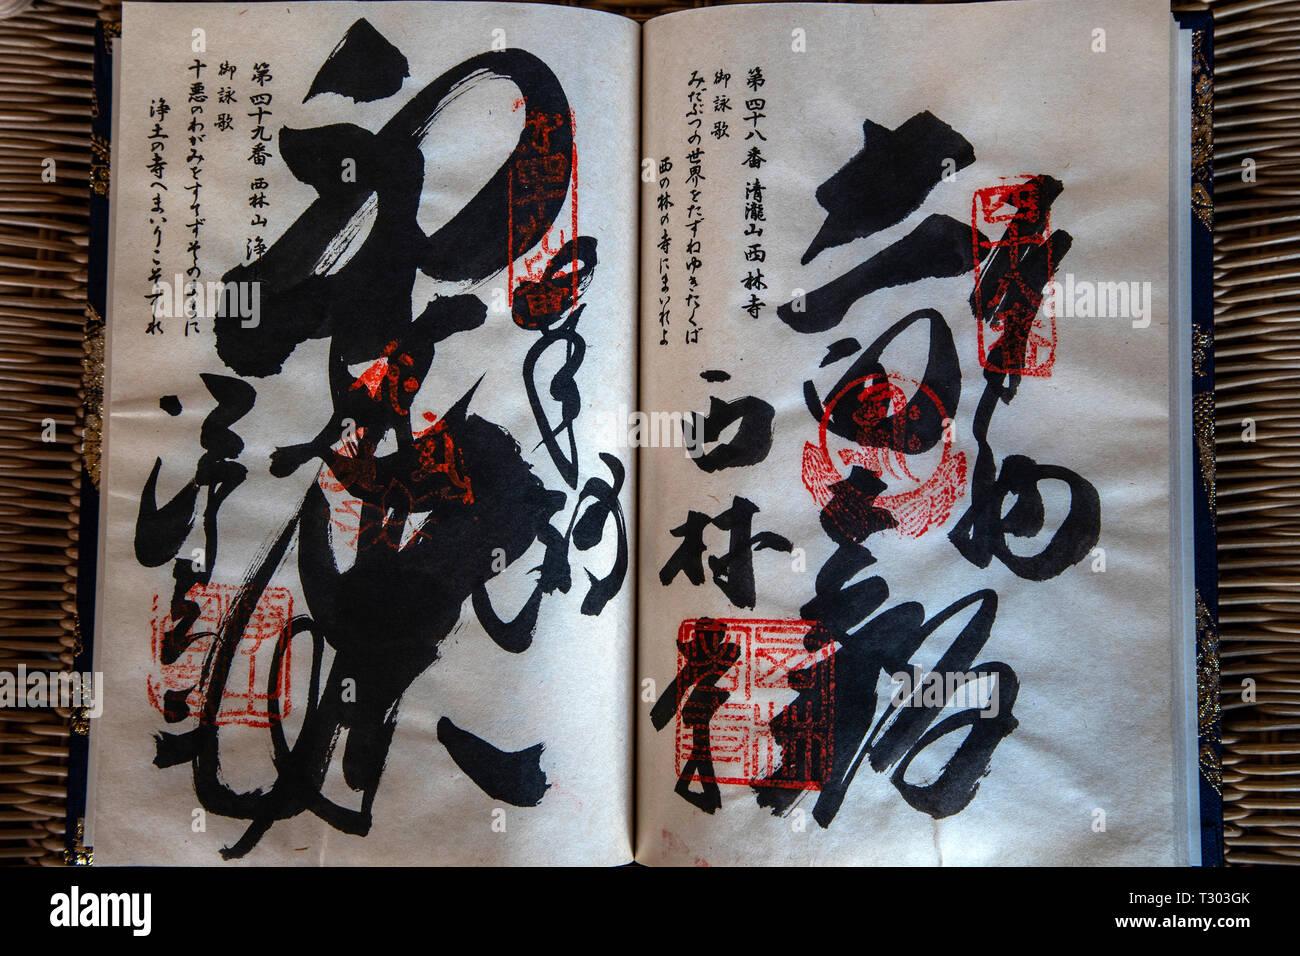 Nokyocho sont des brochures pour avoir chacun des 88 temples sur le chemin du pèlerinage de Shikoku pour mettre le sceau officiel du temple et en calligraphie artistique Photo Stock